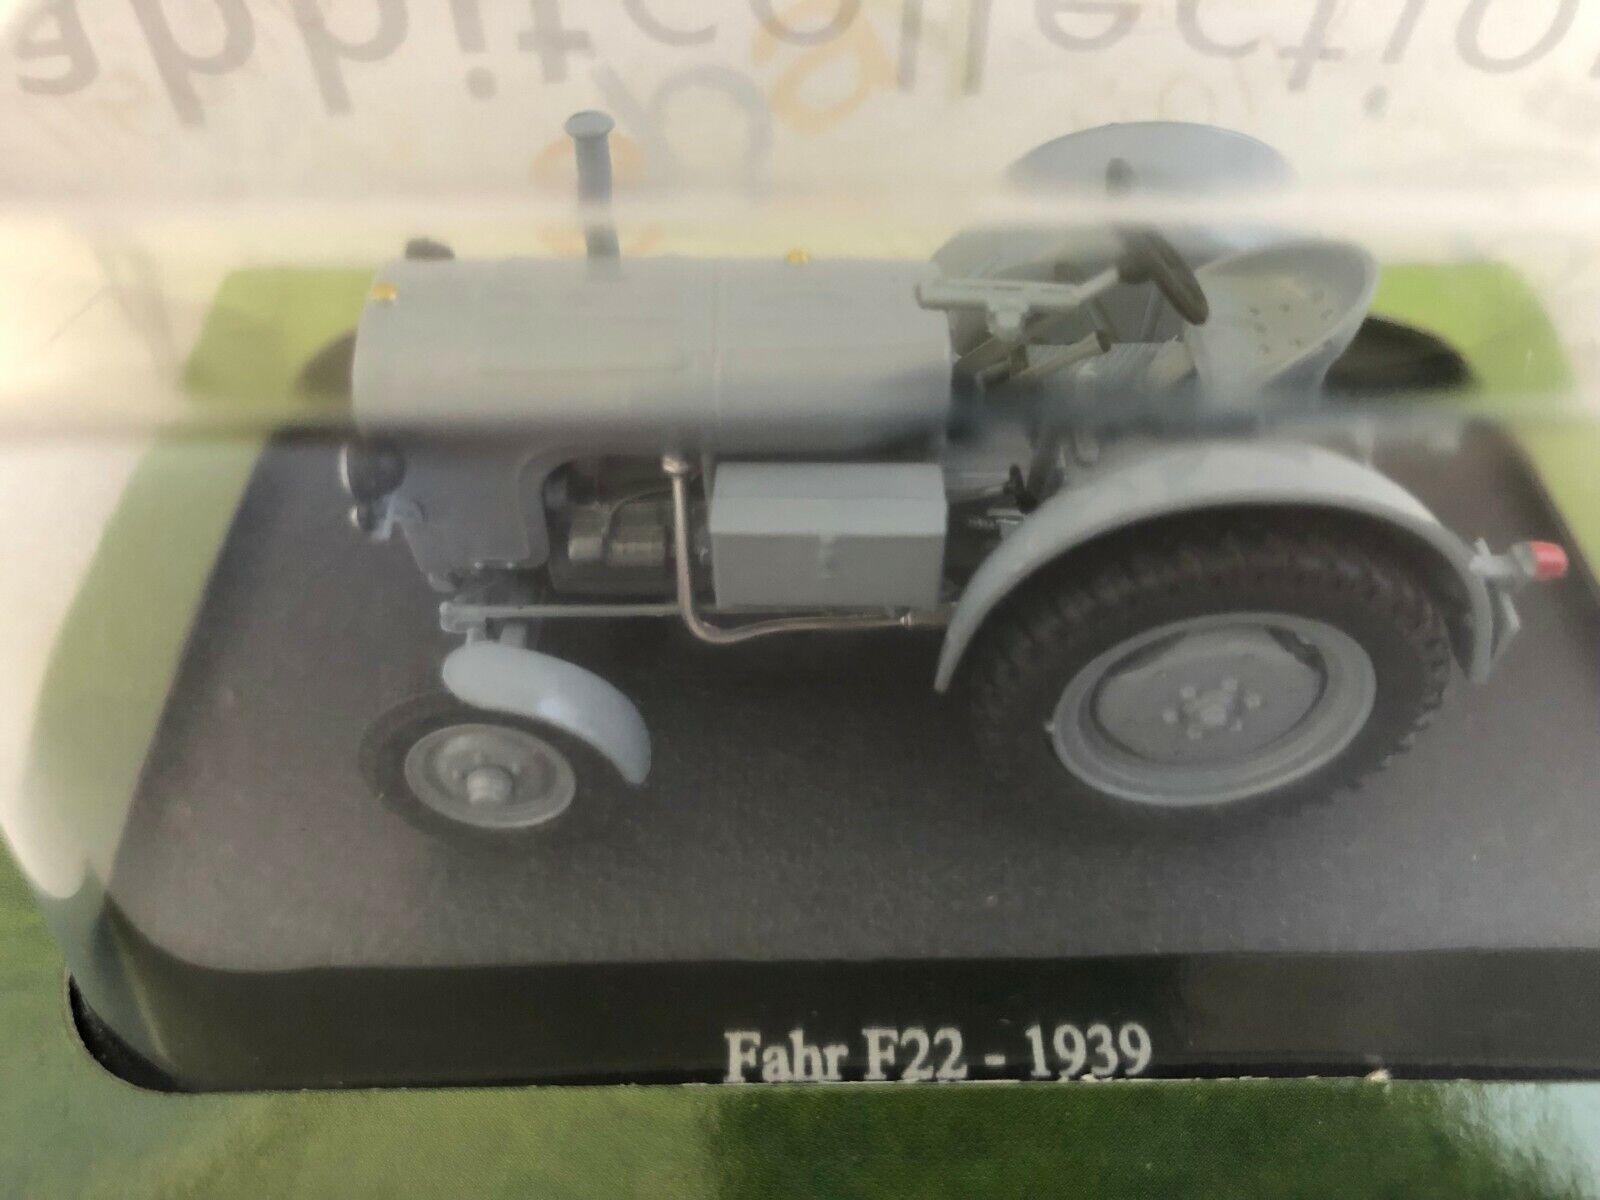 Fendt f22 1939 tractor remolcador gris Grey 1:43